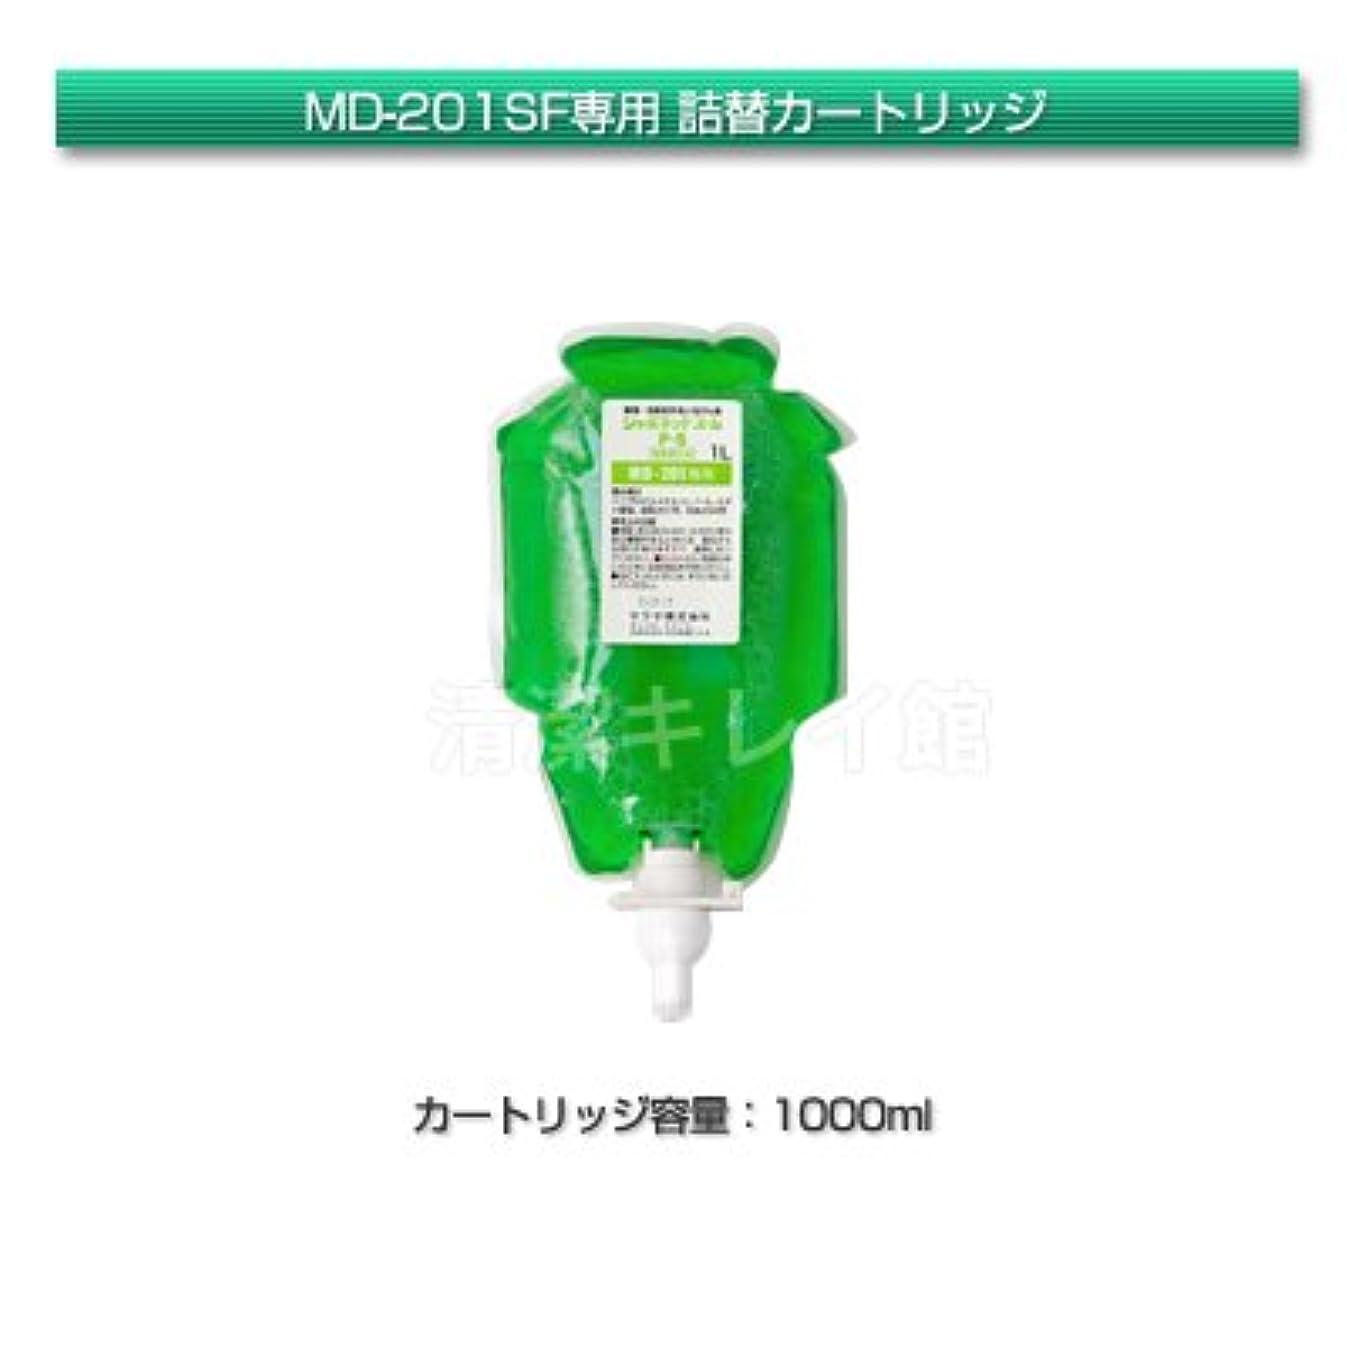 教育学積極的に優先権サラヤ プッシュ式石鹸液 MD-201SF(泡)専用カートリッジ(ユムP-5)1000ml【清潔キレイ館】